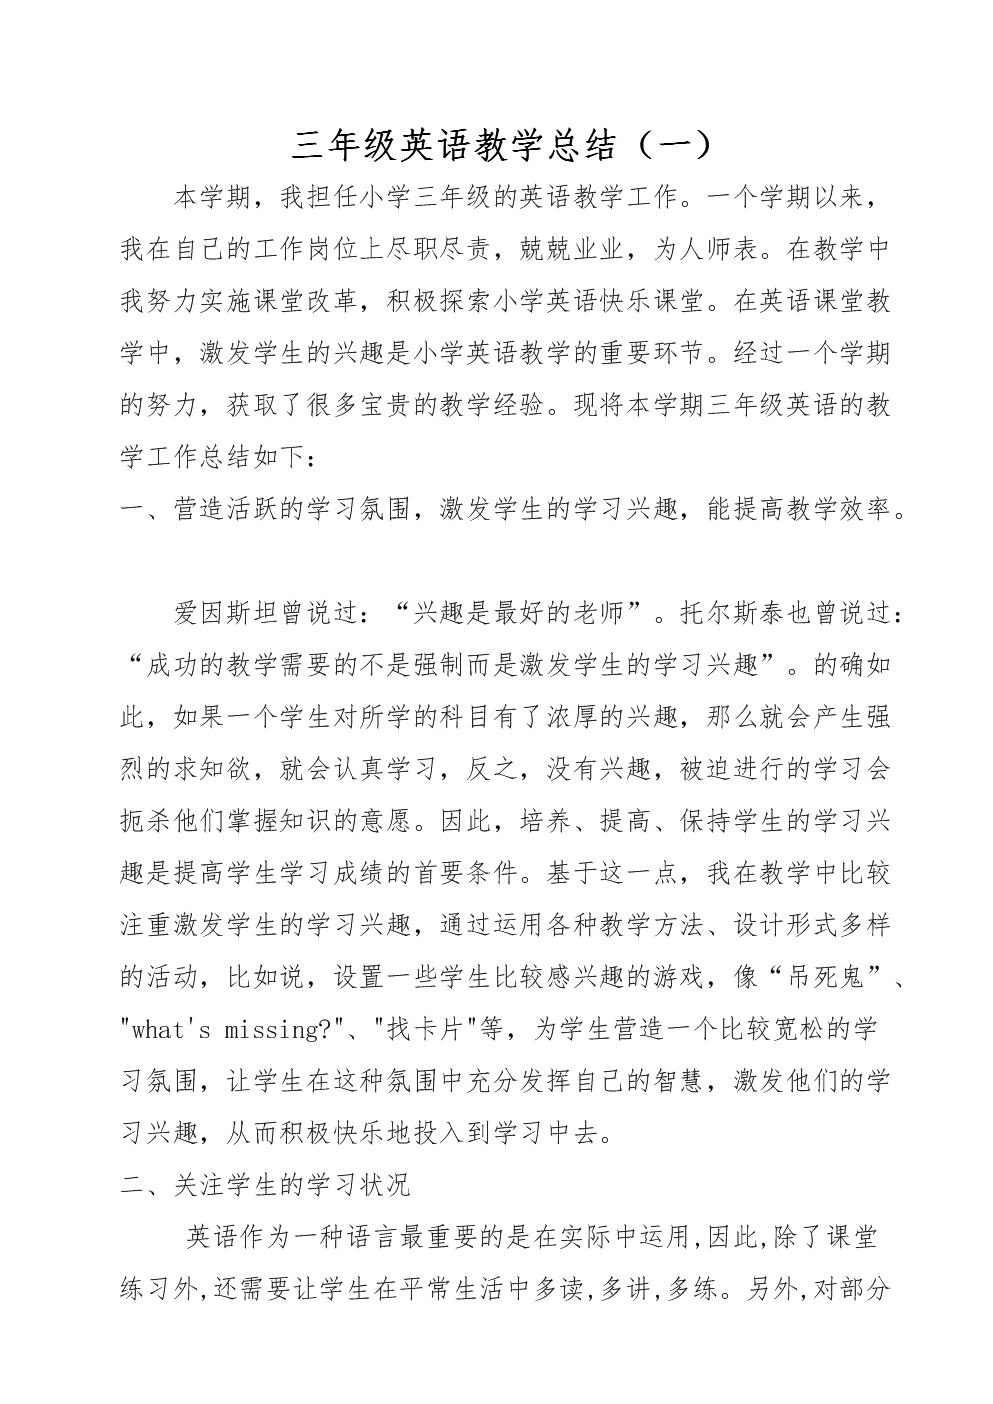 三年级英语上册工作总结(三篇).doc